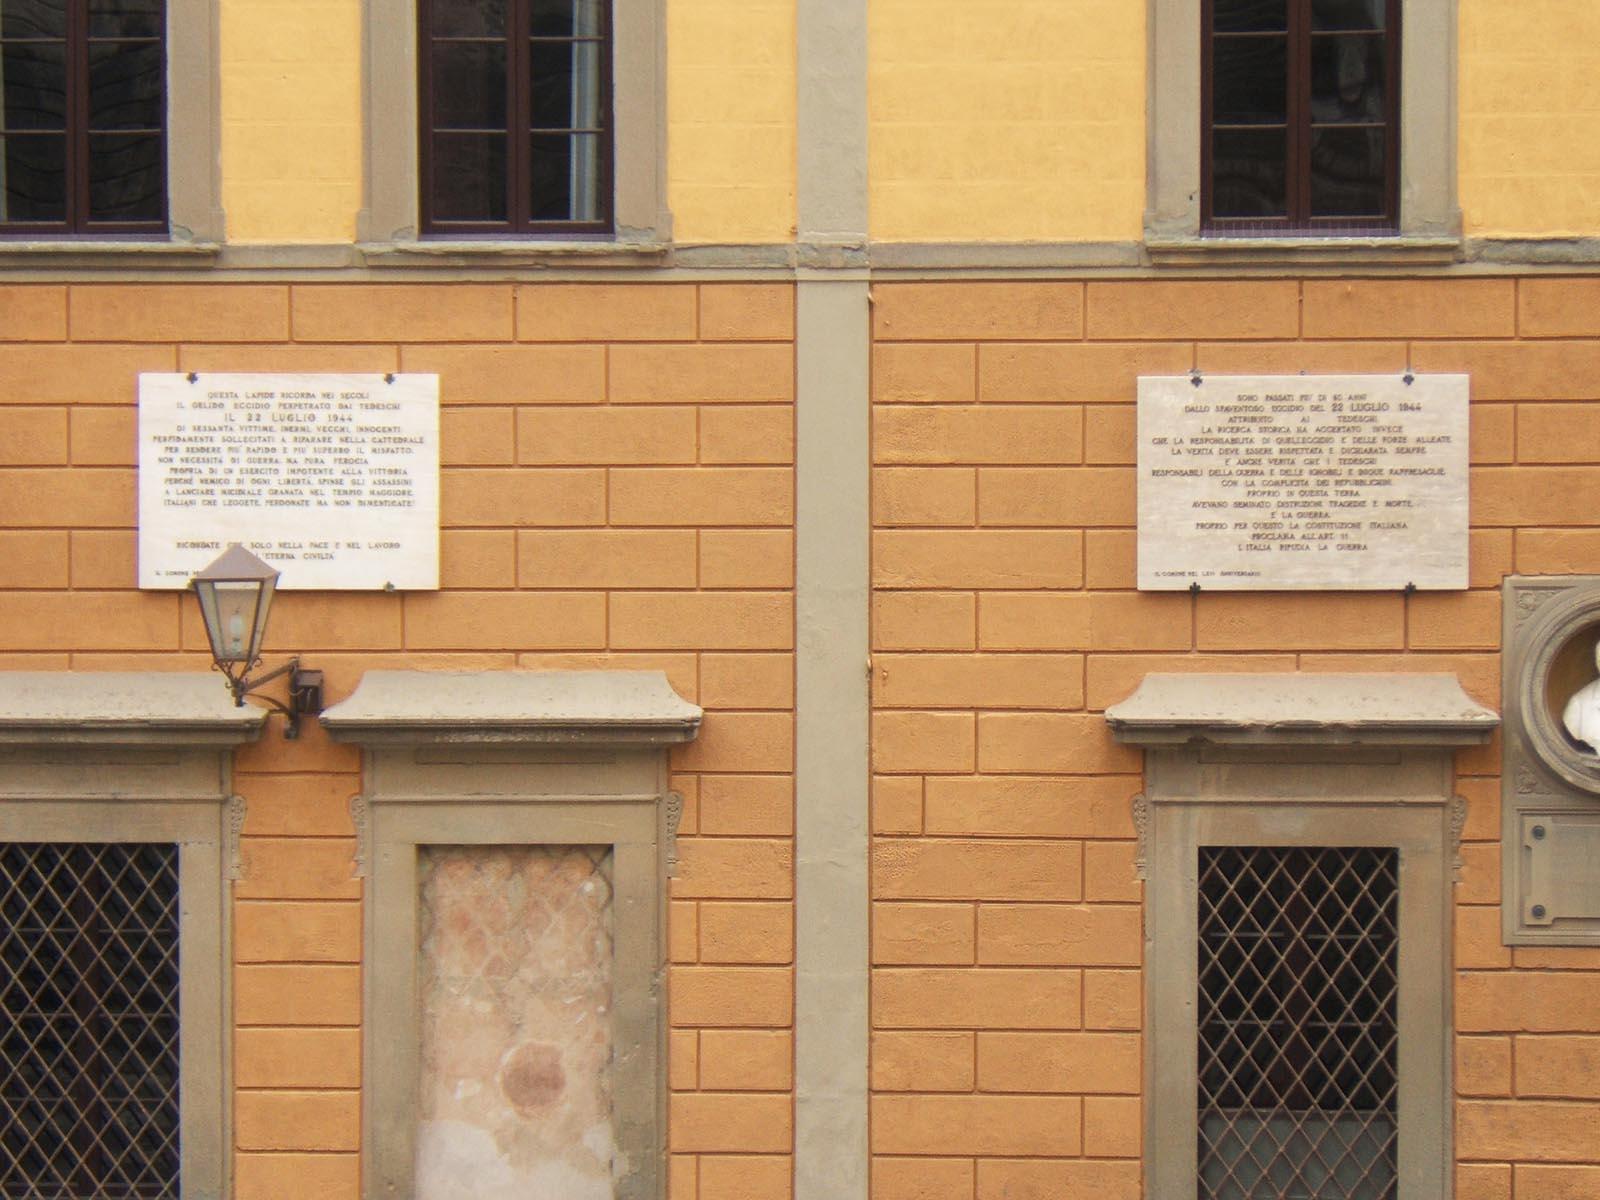 [G. Chelli] La Strage Del Duomo Di San Miniato: Continua L'arrampicata Sugli Specchi?